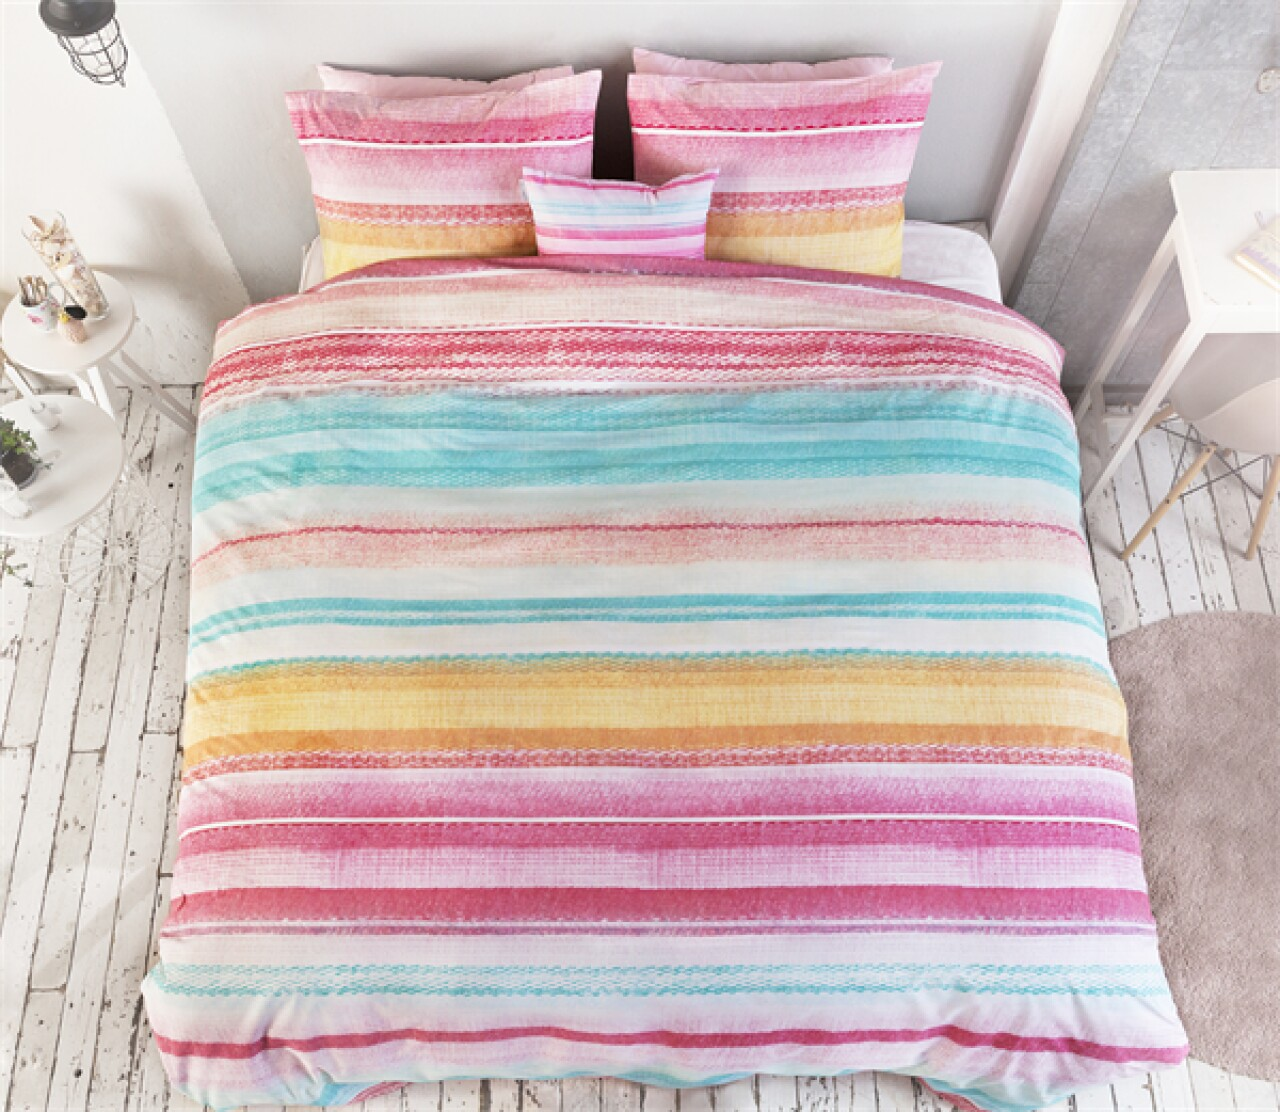 Lenjerie de pat pentru doua persoane Kimli Multi , Royal Textile, 100% bumbac